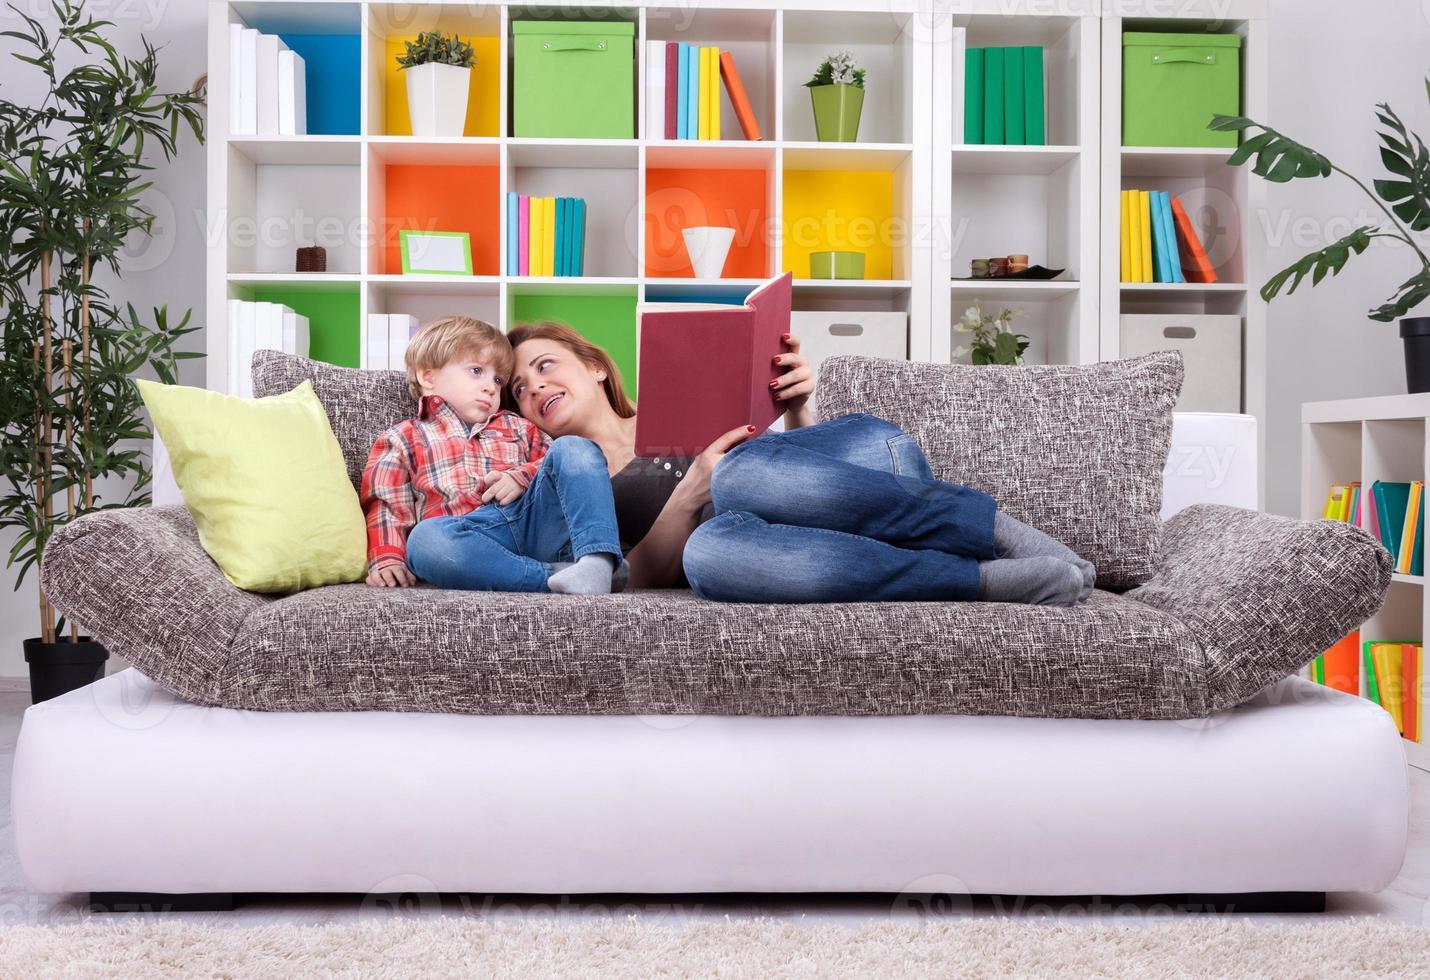 la famiglia passa il tempo a leggere un libro foto